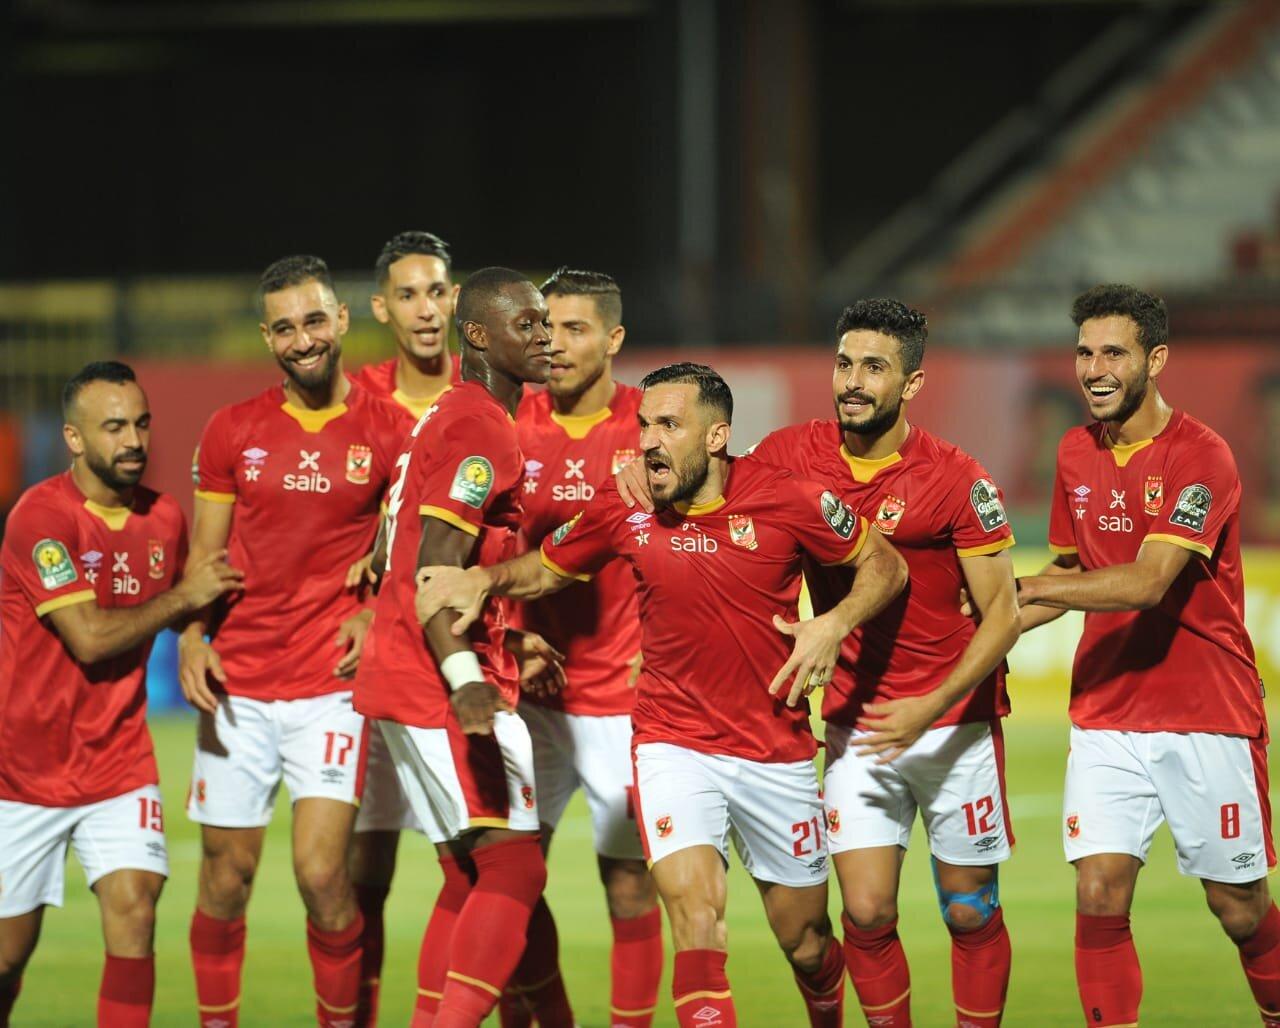 الأهلي المصري يعلن عن اتفاقه مع علي معلول